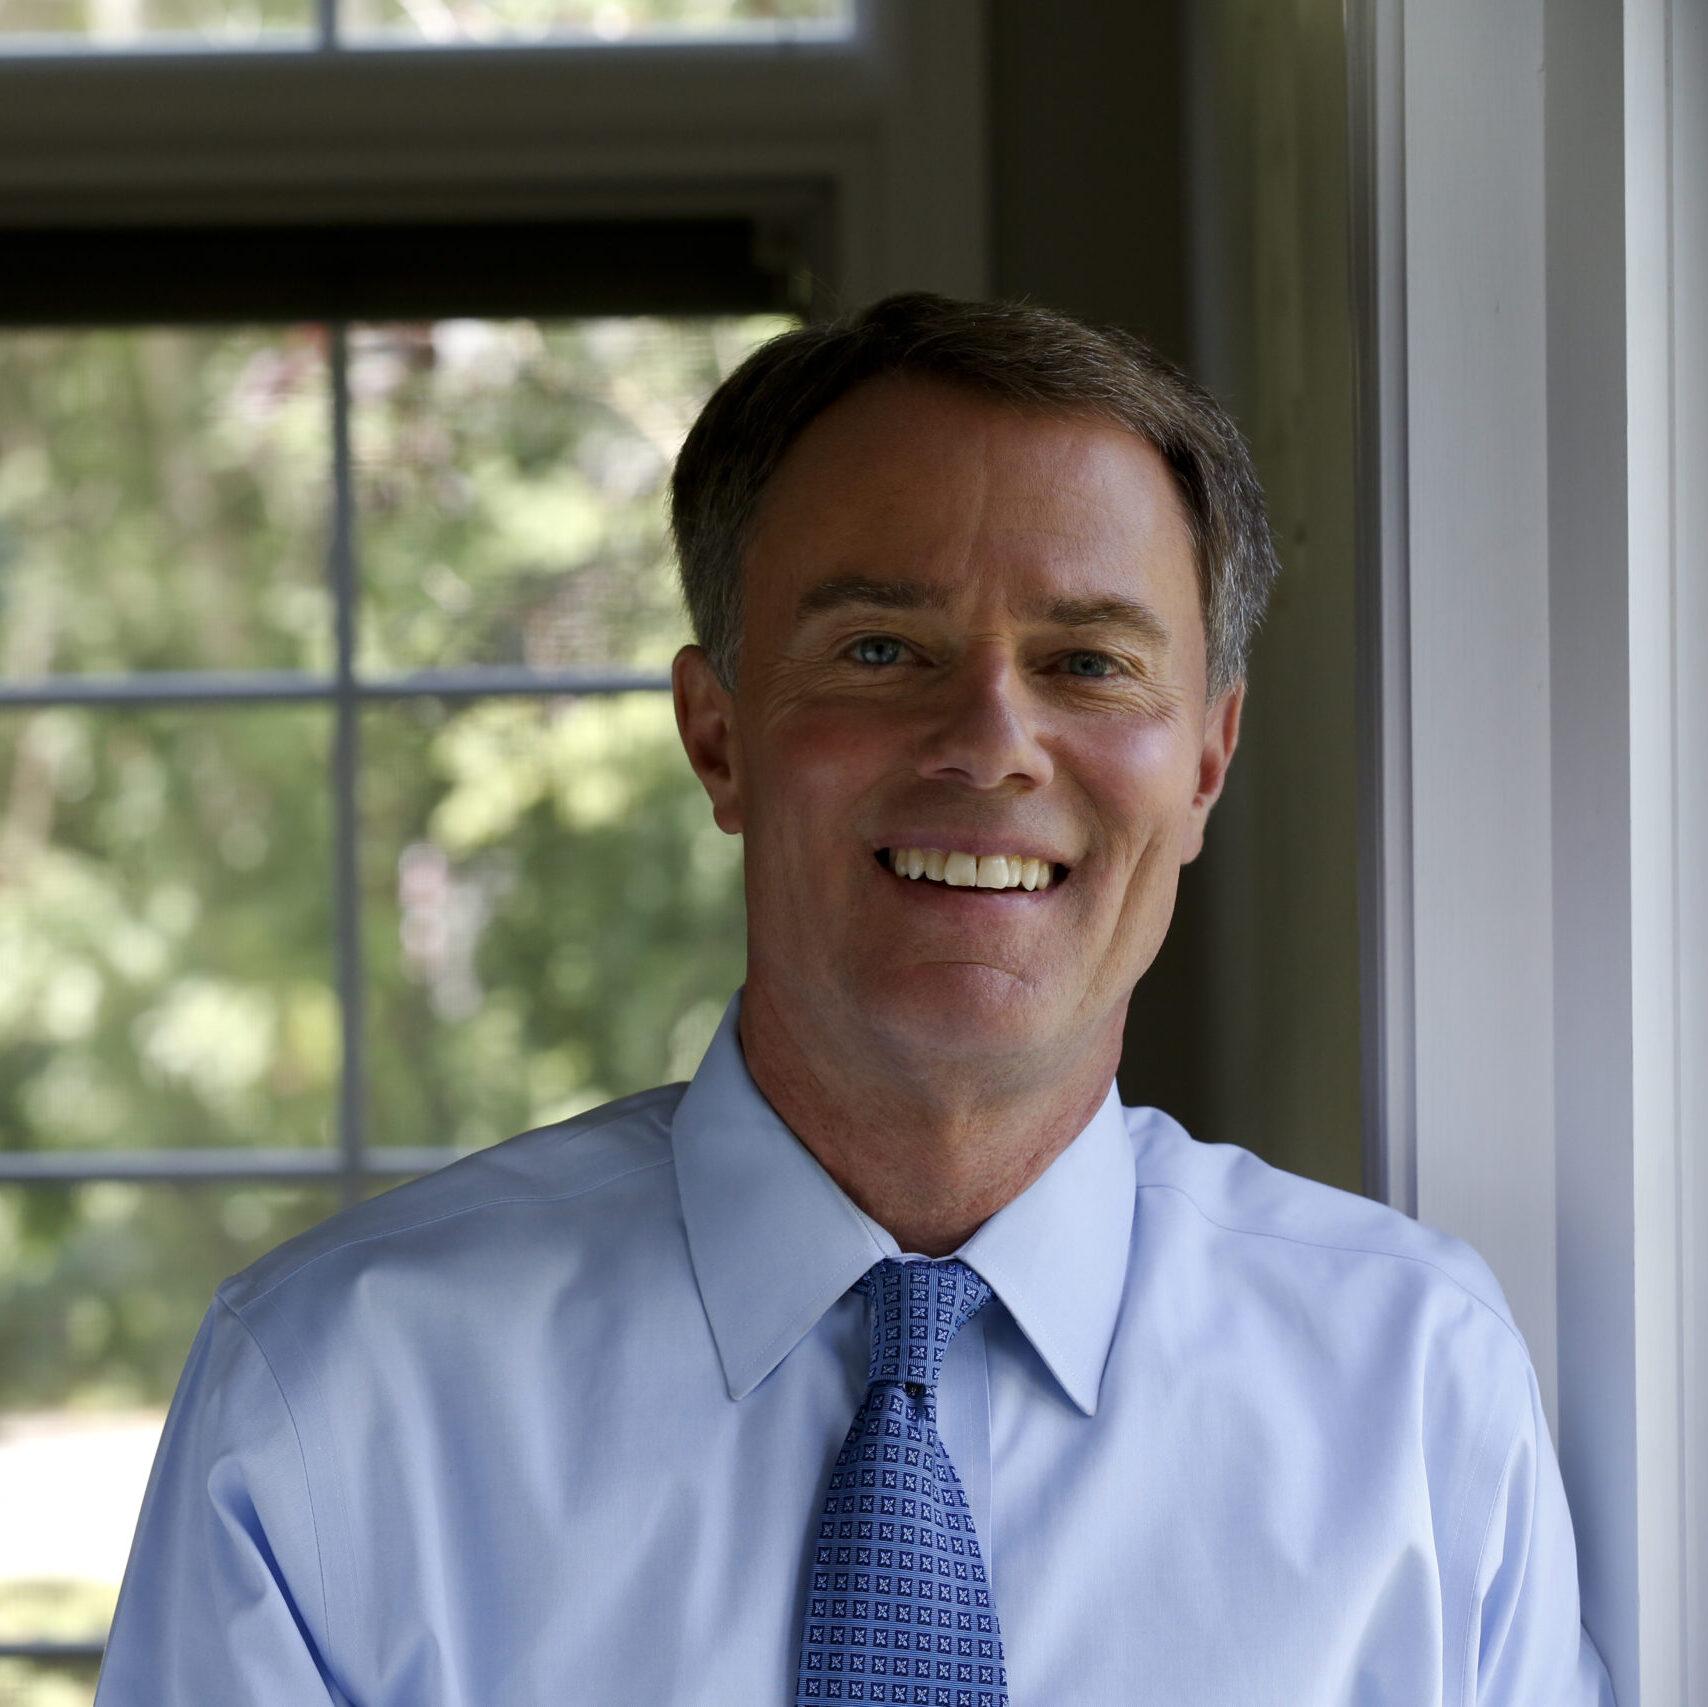 Mayor Joe Hogsett